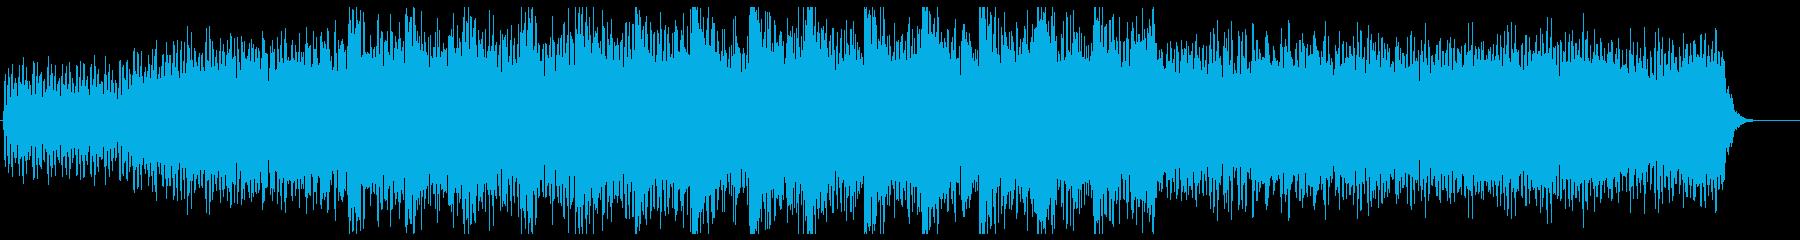 医療・科学系 アンビエント リズム有りの再生済みの波形